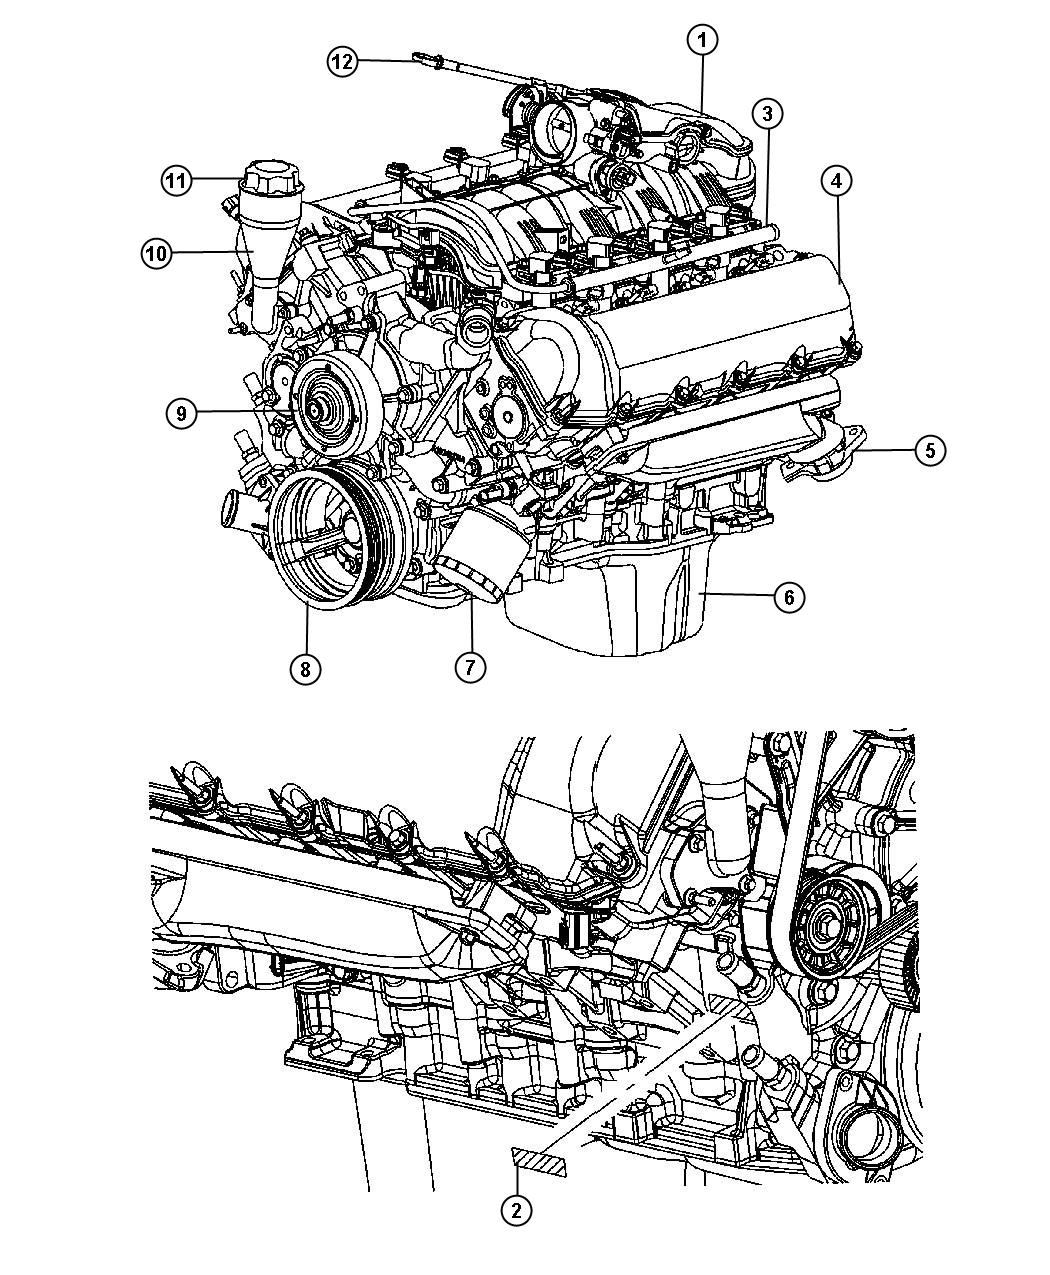 Chrysler Aspen Cap Oil Filler 3 7l V6 Engine Or